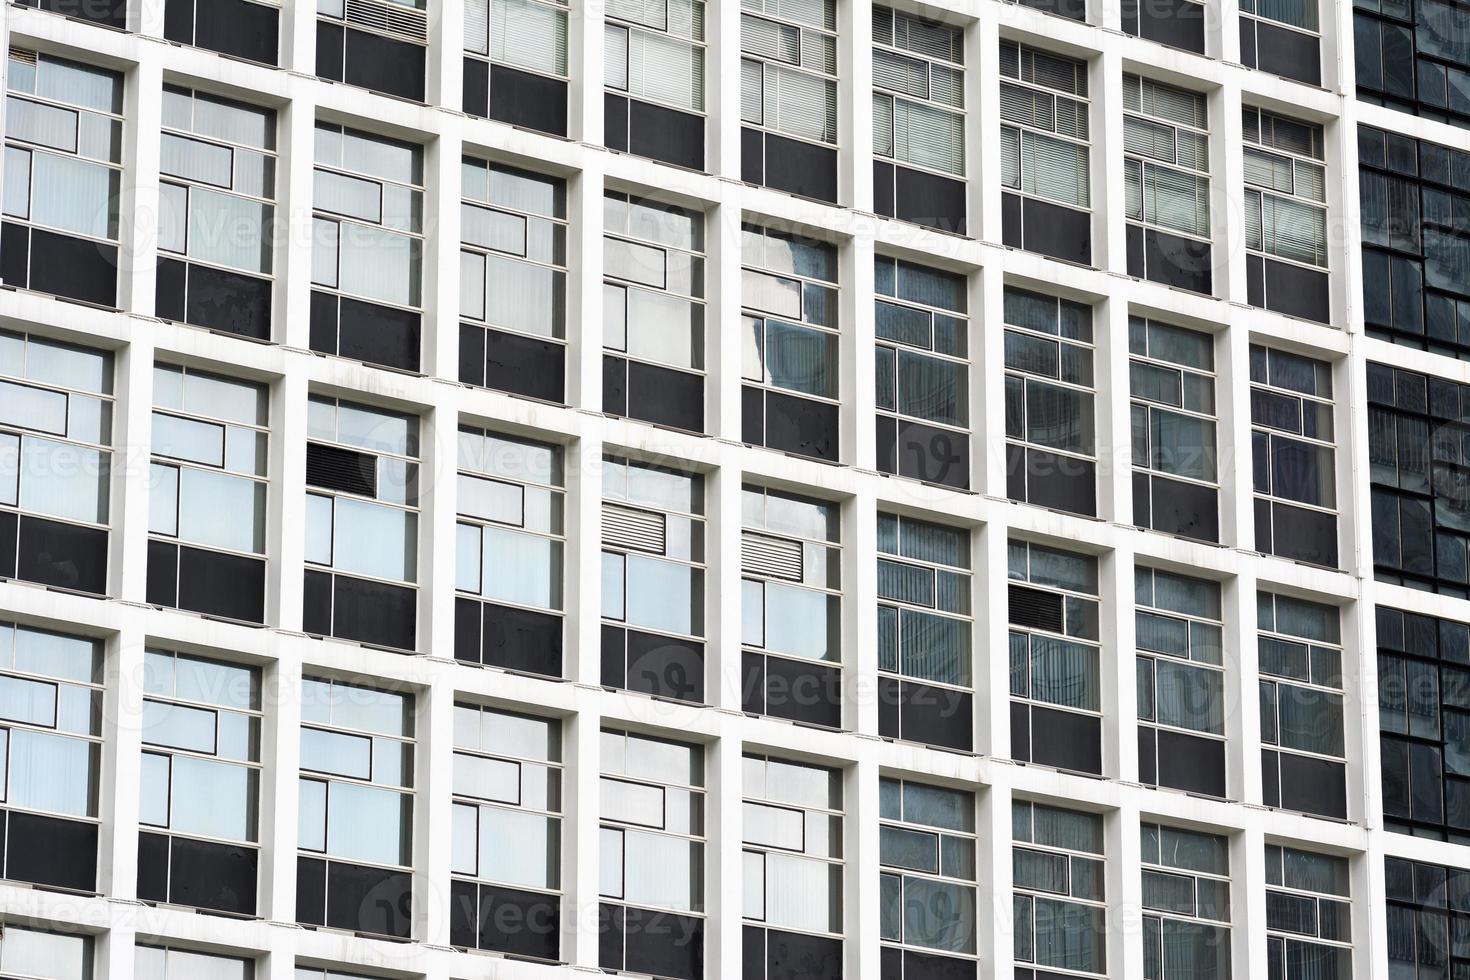 ventanas de oficina foto